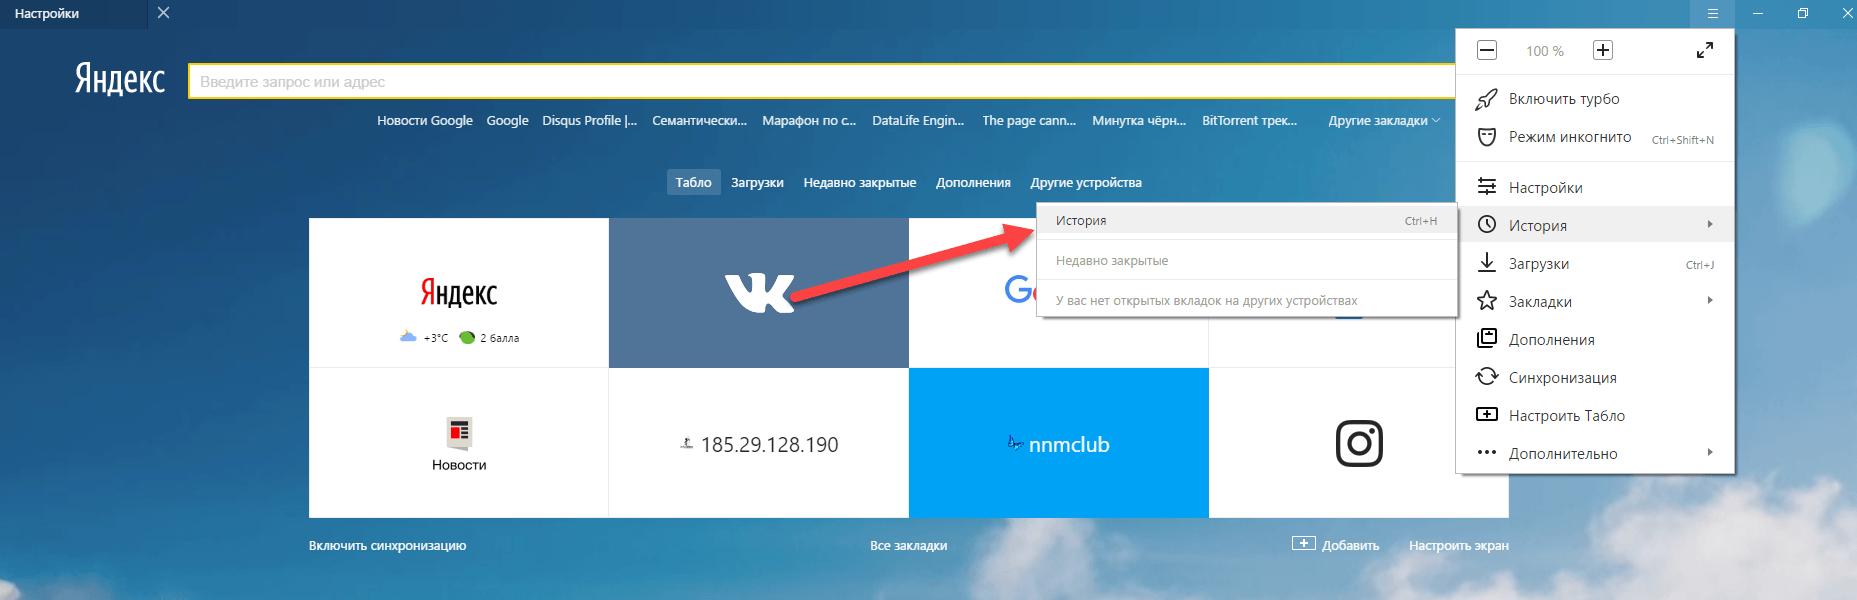 Как очистить историю в Яндексе?